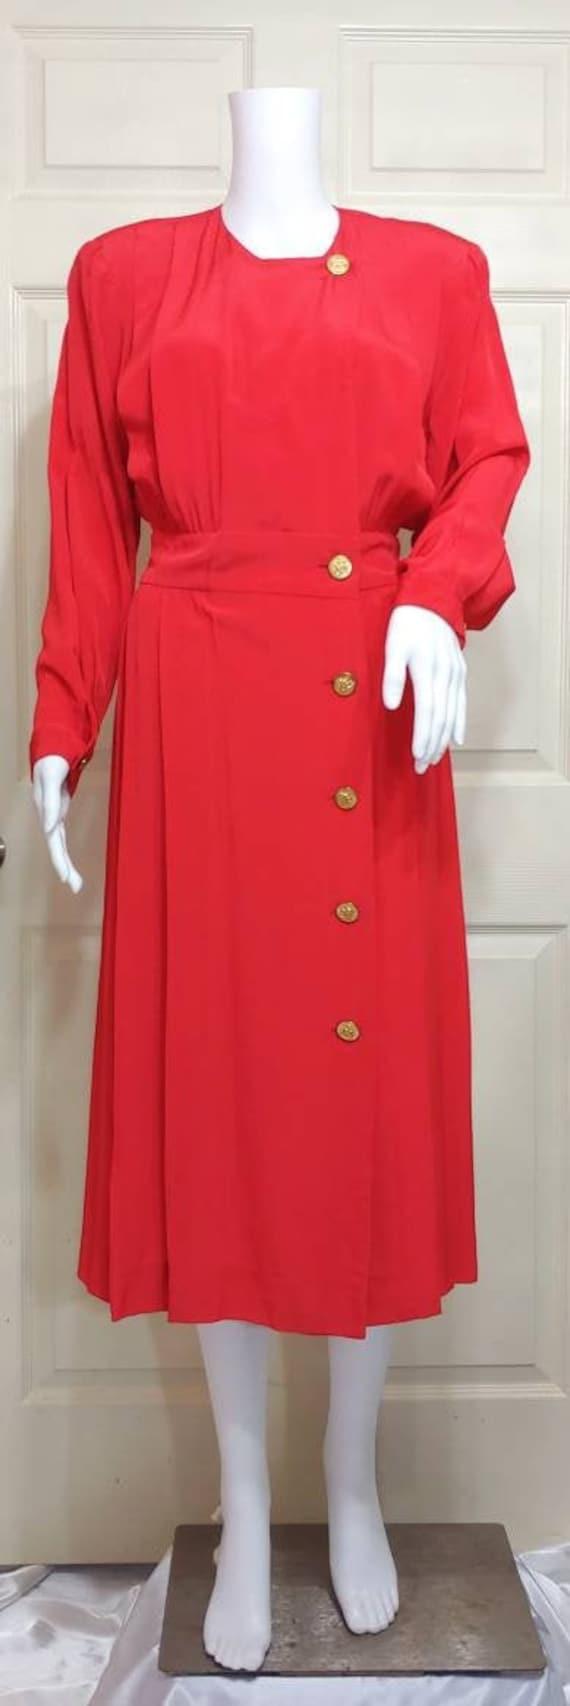 Vtg Albert Nipon Dress